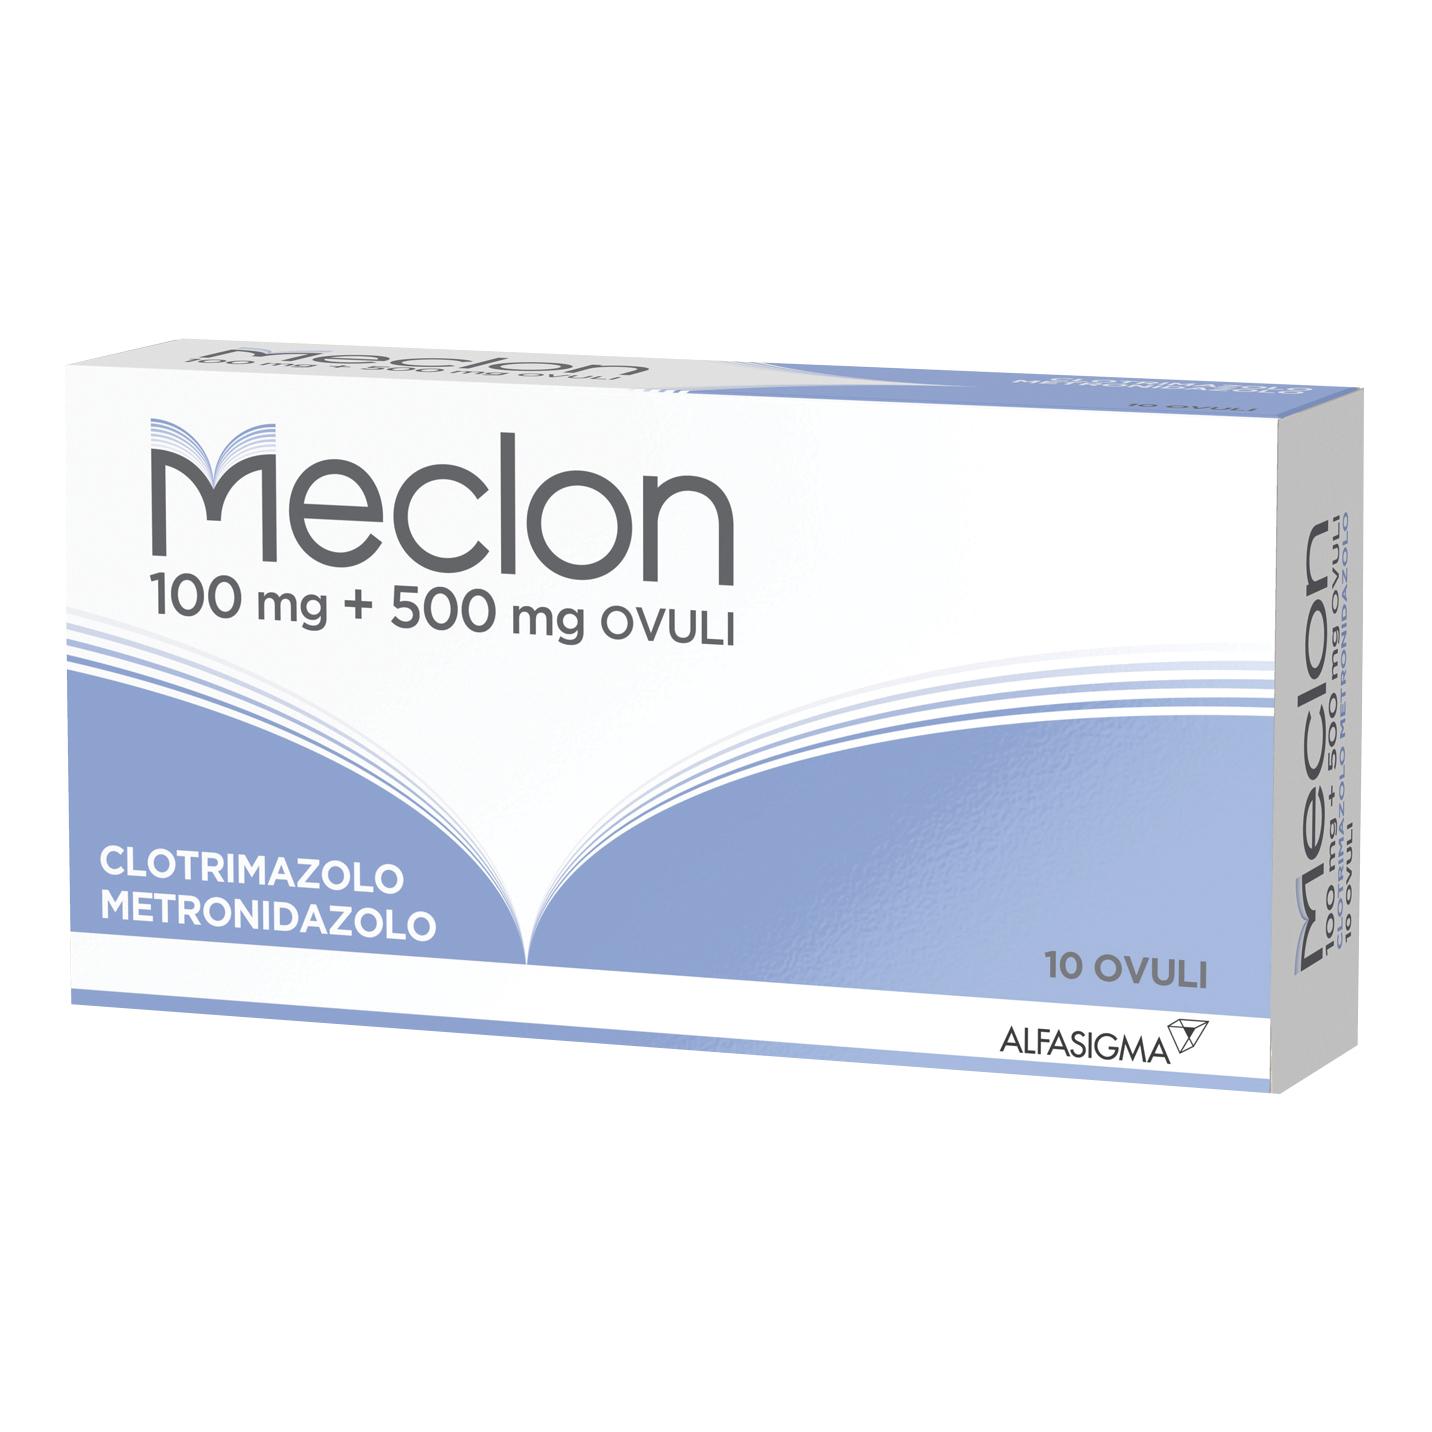 Meclon 10 Ovuli Vaginali 100+500mg